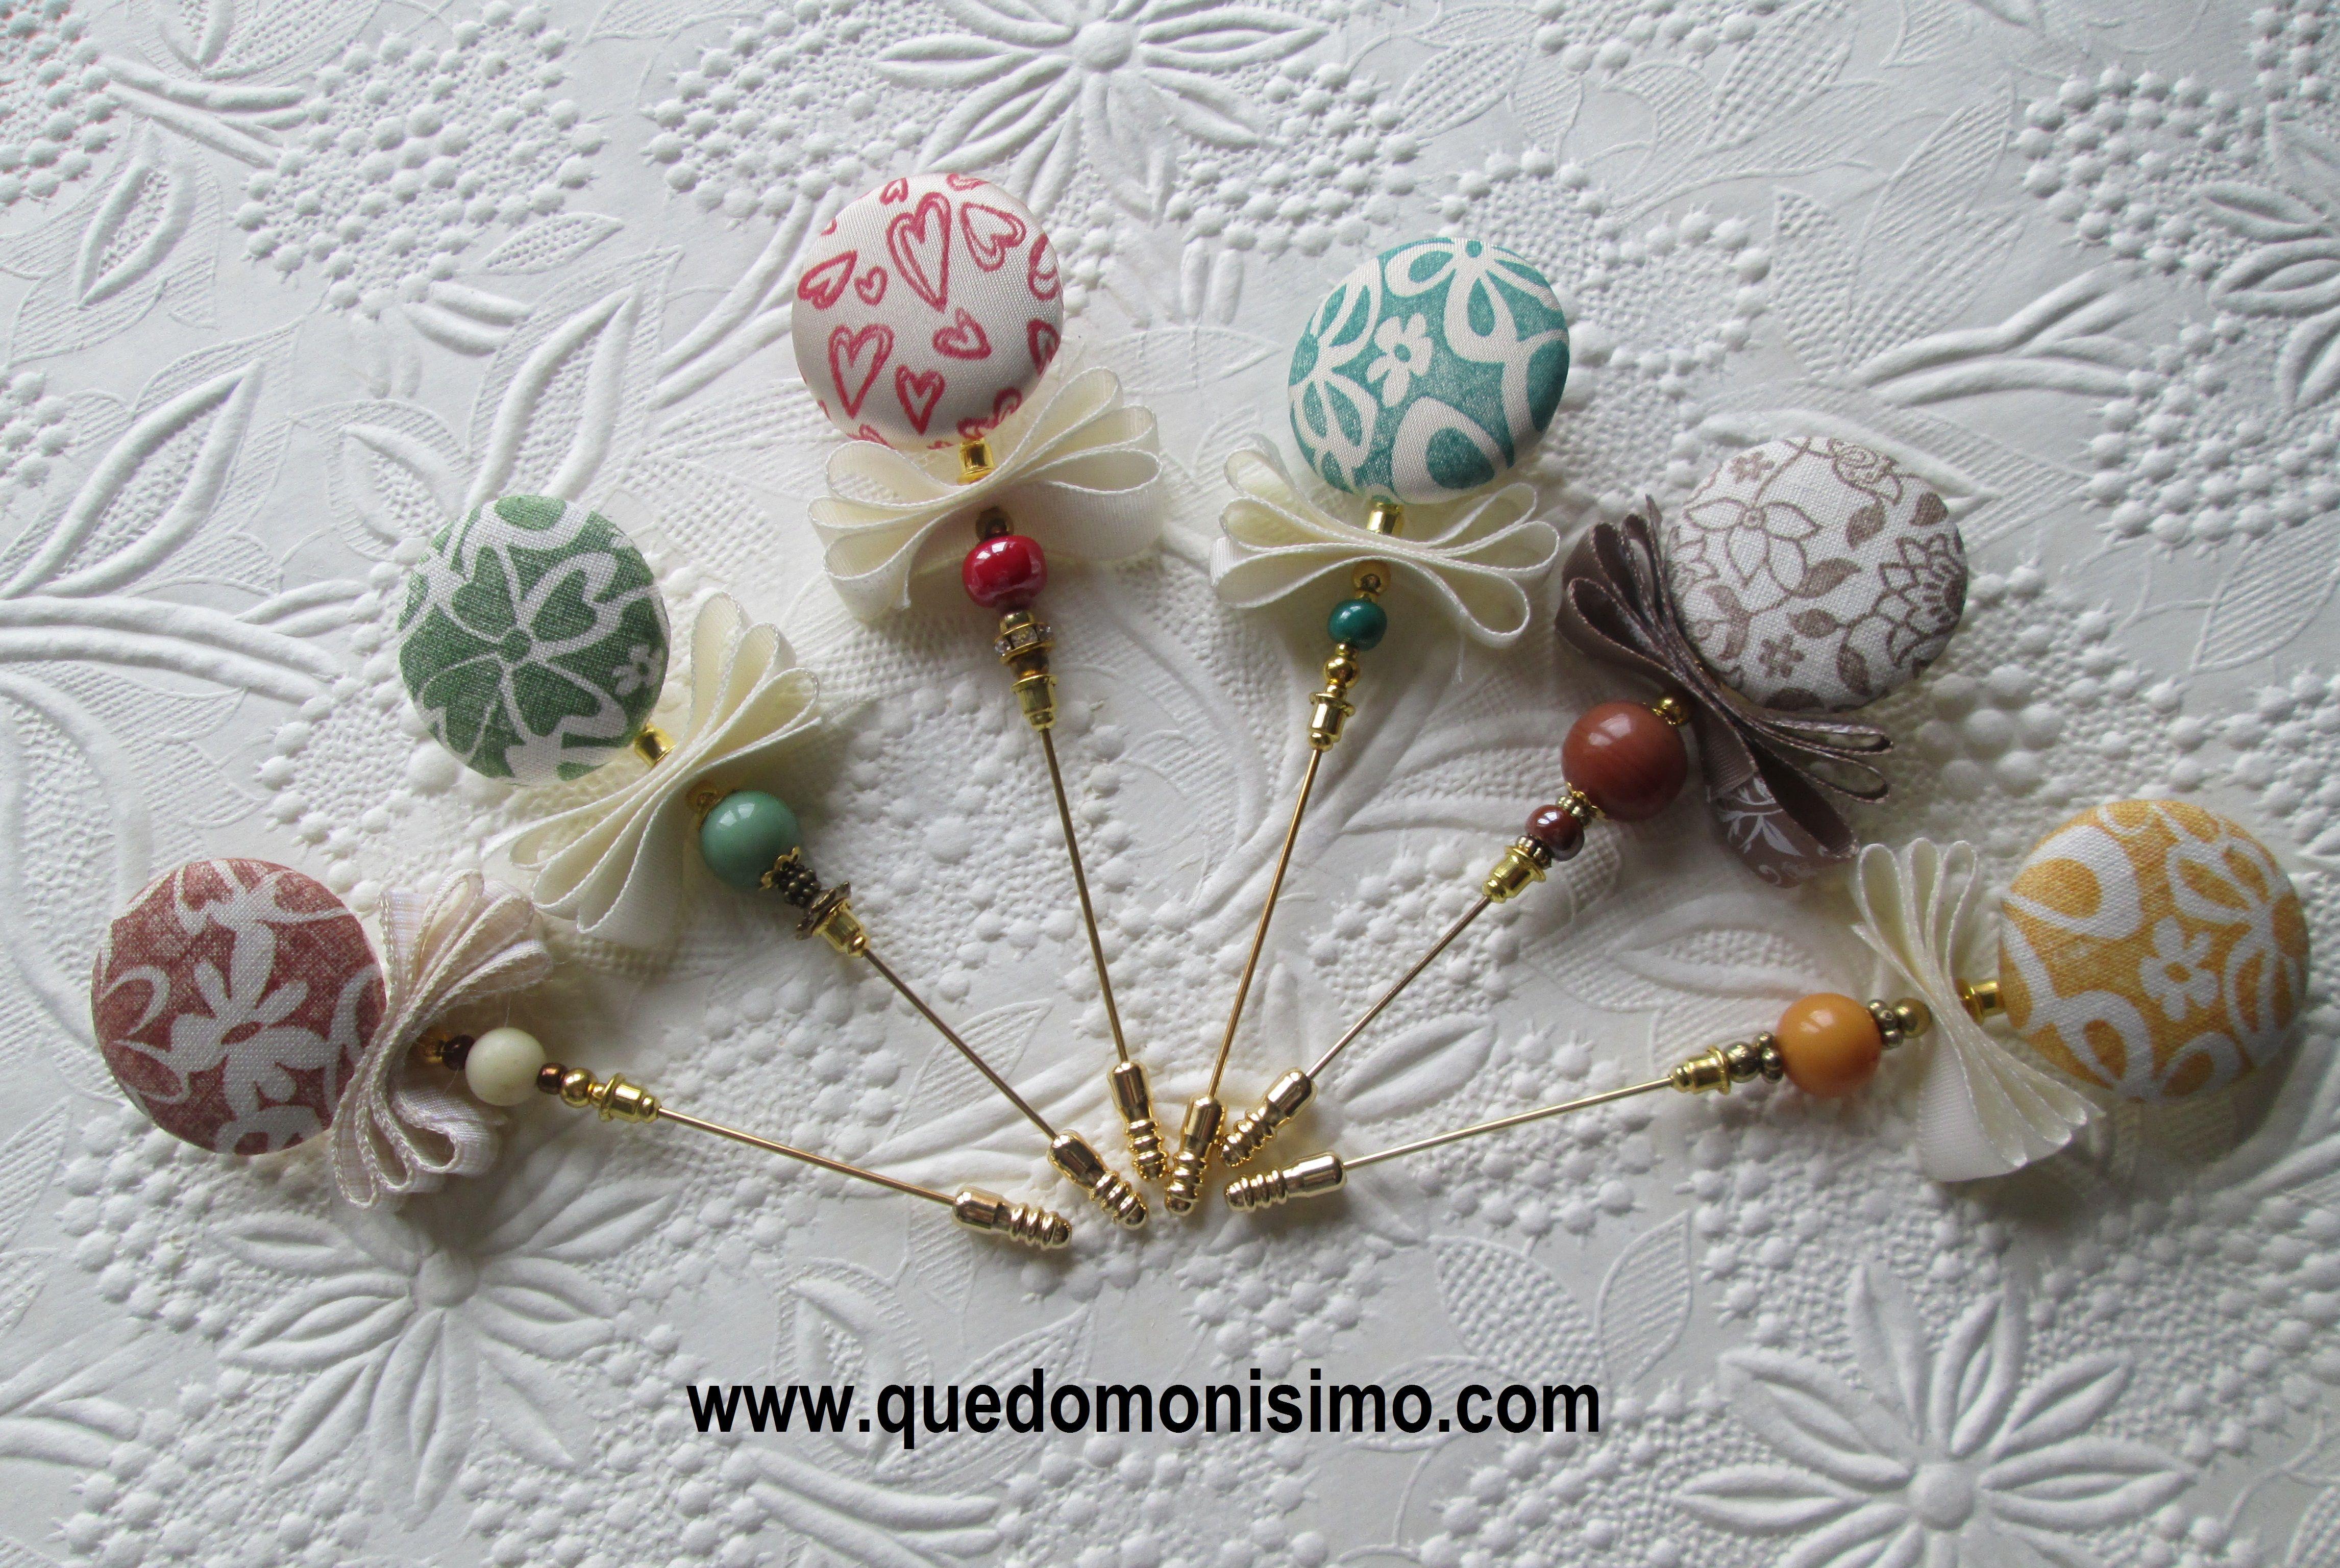 alfileres realizados con botones forrados en tela impresa a mano con sellos y tintas de scrap.  http://quedomonisimo.com/2015/02/vamos-de-boda